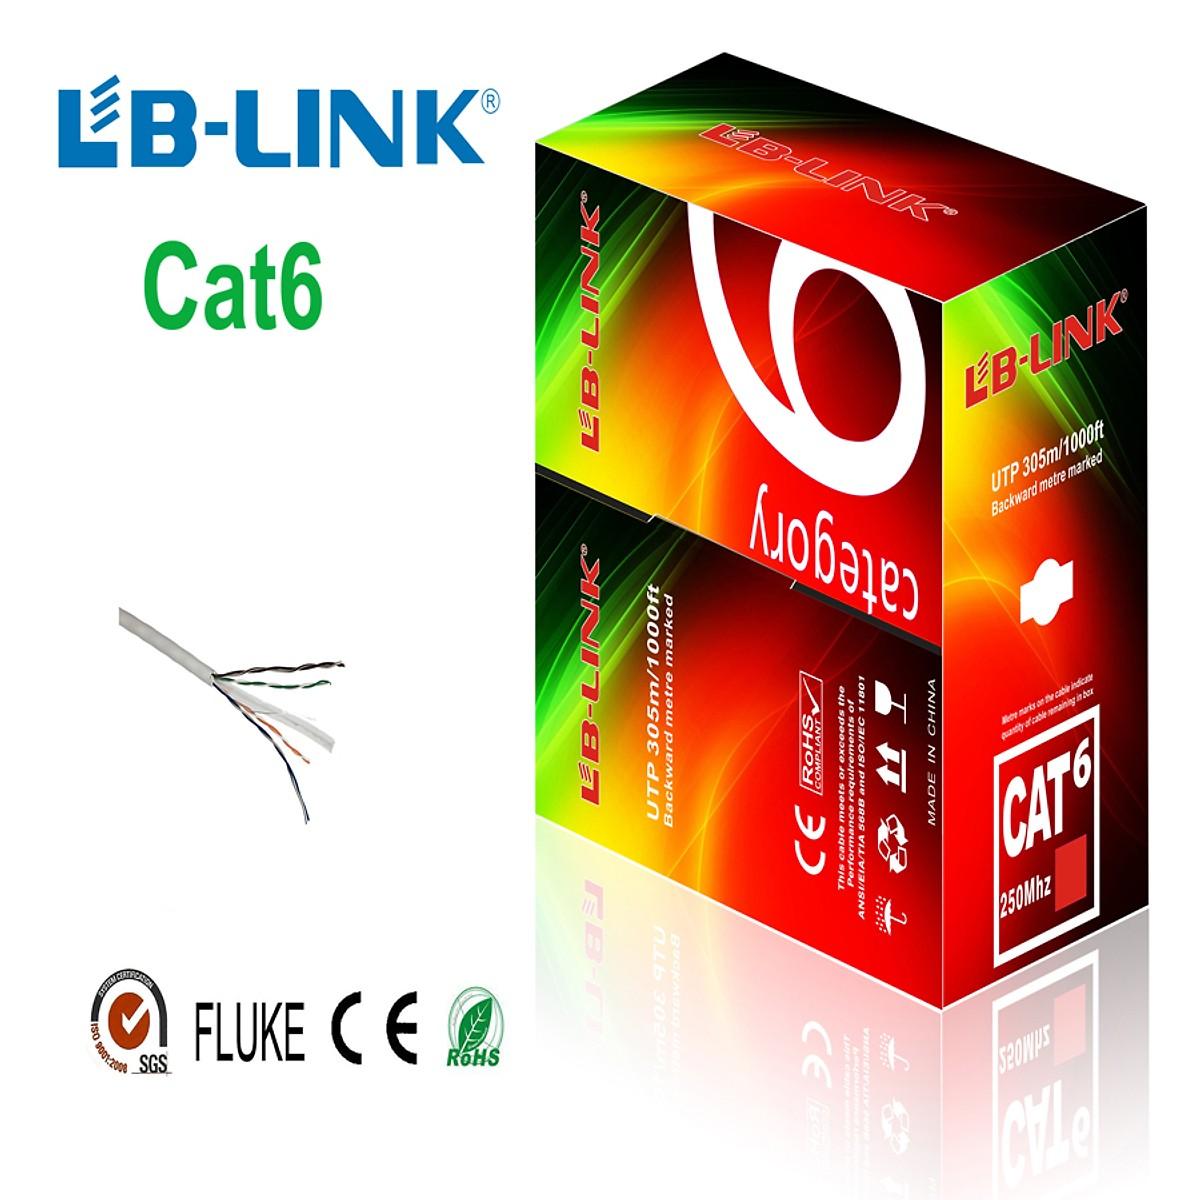 Cuộn Dây Cáp Mạng Cat 6e LB-Link 305m (Tăng kèm hộp hạt mạng 100 chiếc) - Hàng Chính Hãng